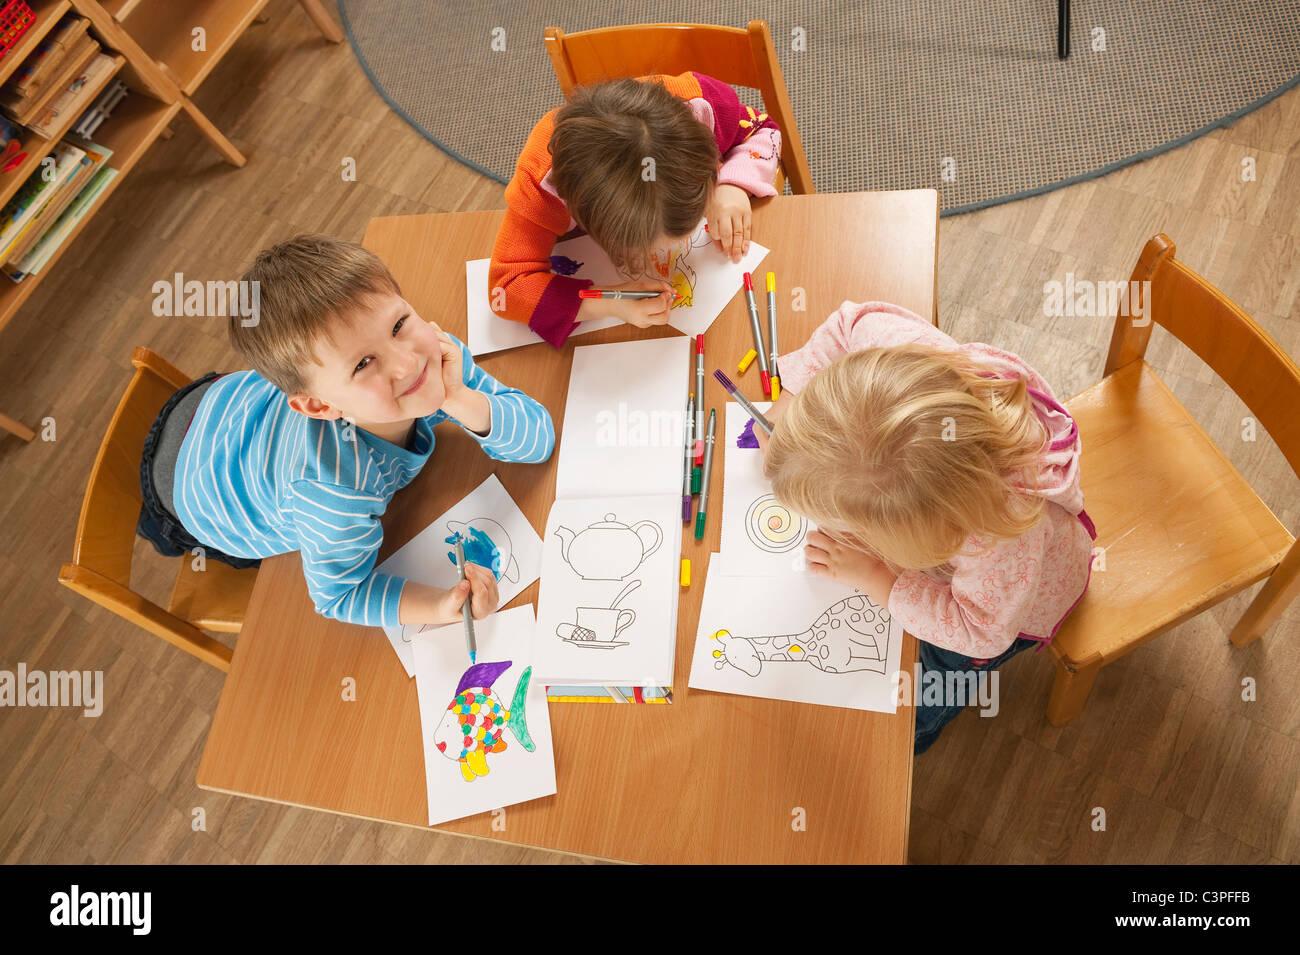 Alemania, niños en vivero sentado en la tabla dibujando, niveles elevados de ver Imagen De Stock